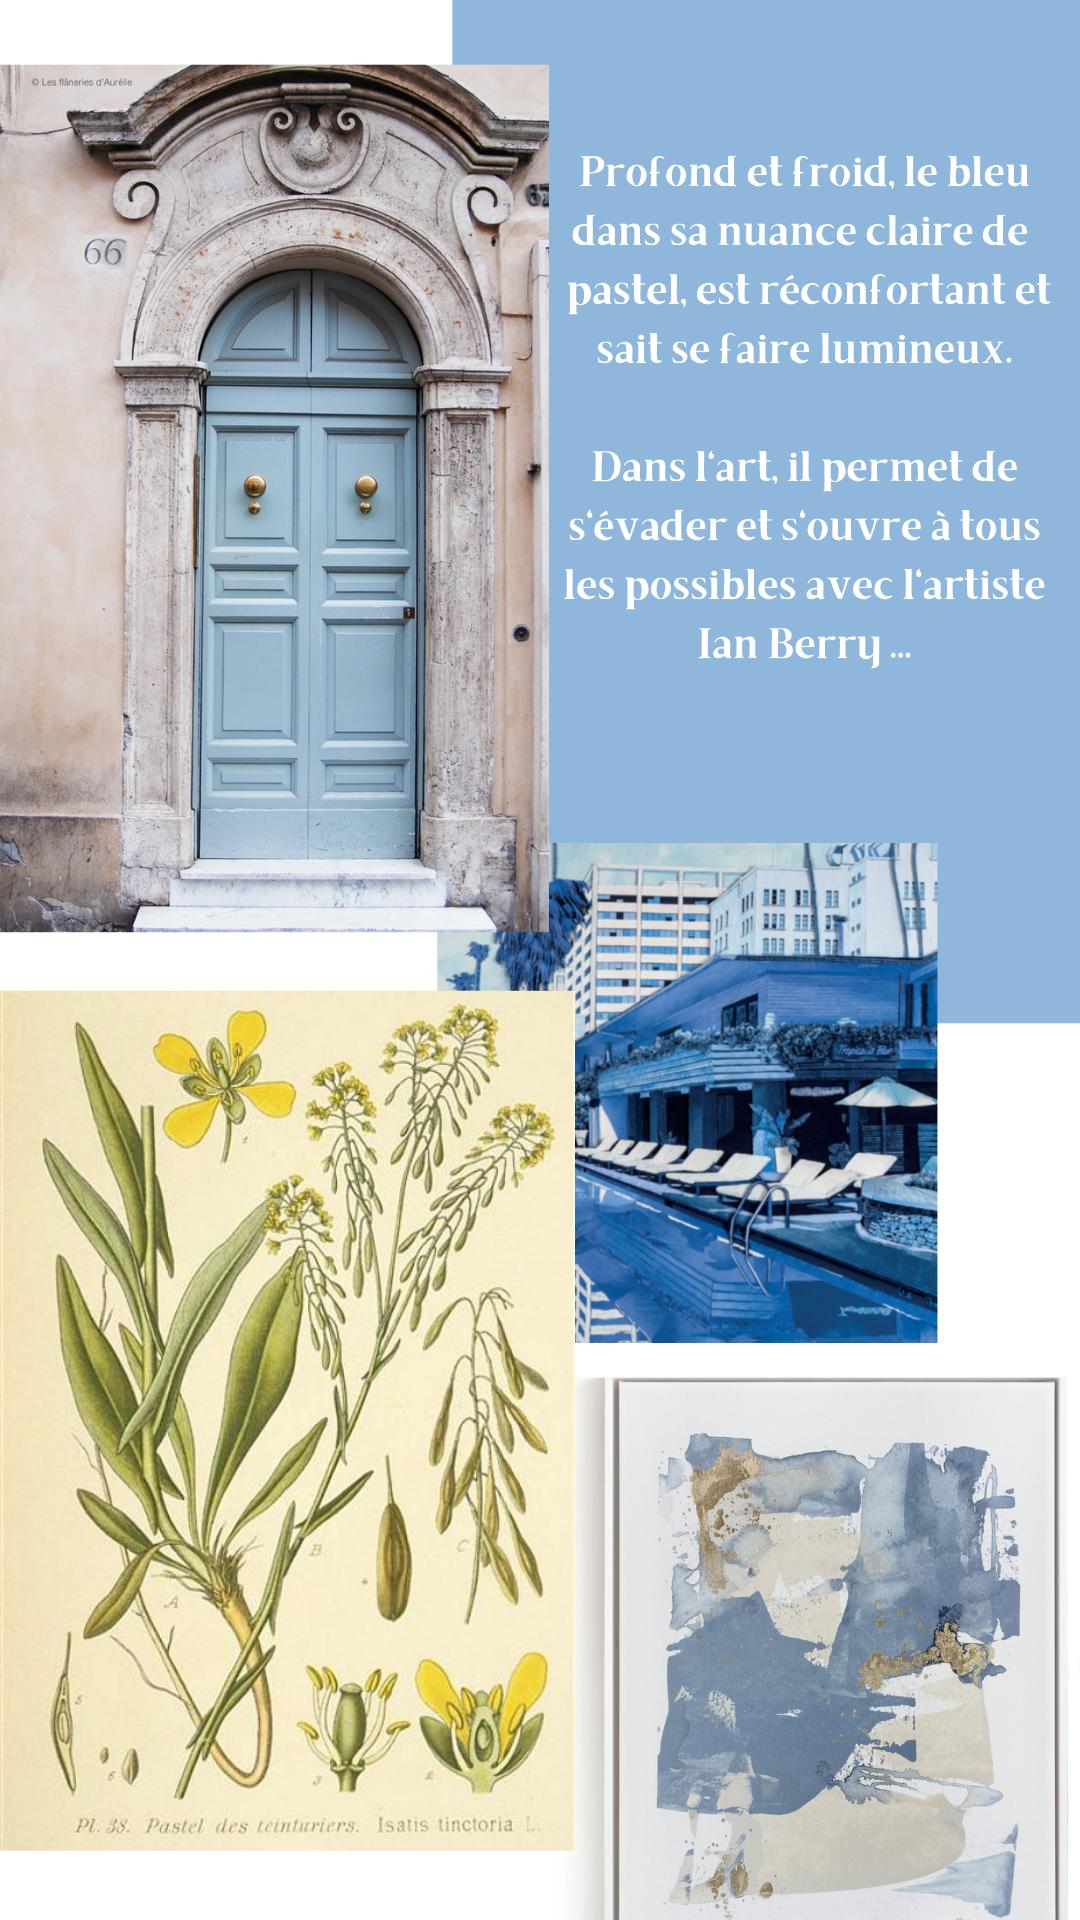 La Box Maille Petit Pull : Les Inspirations en art et architecture